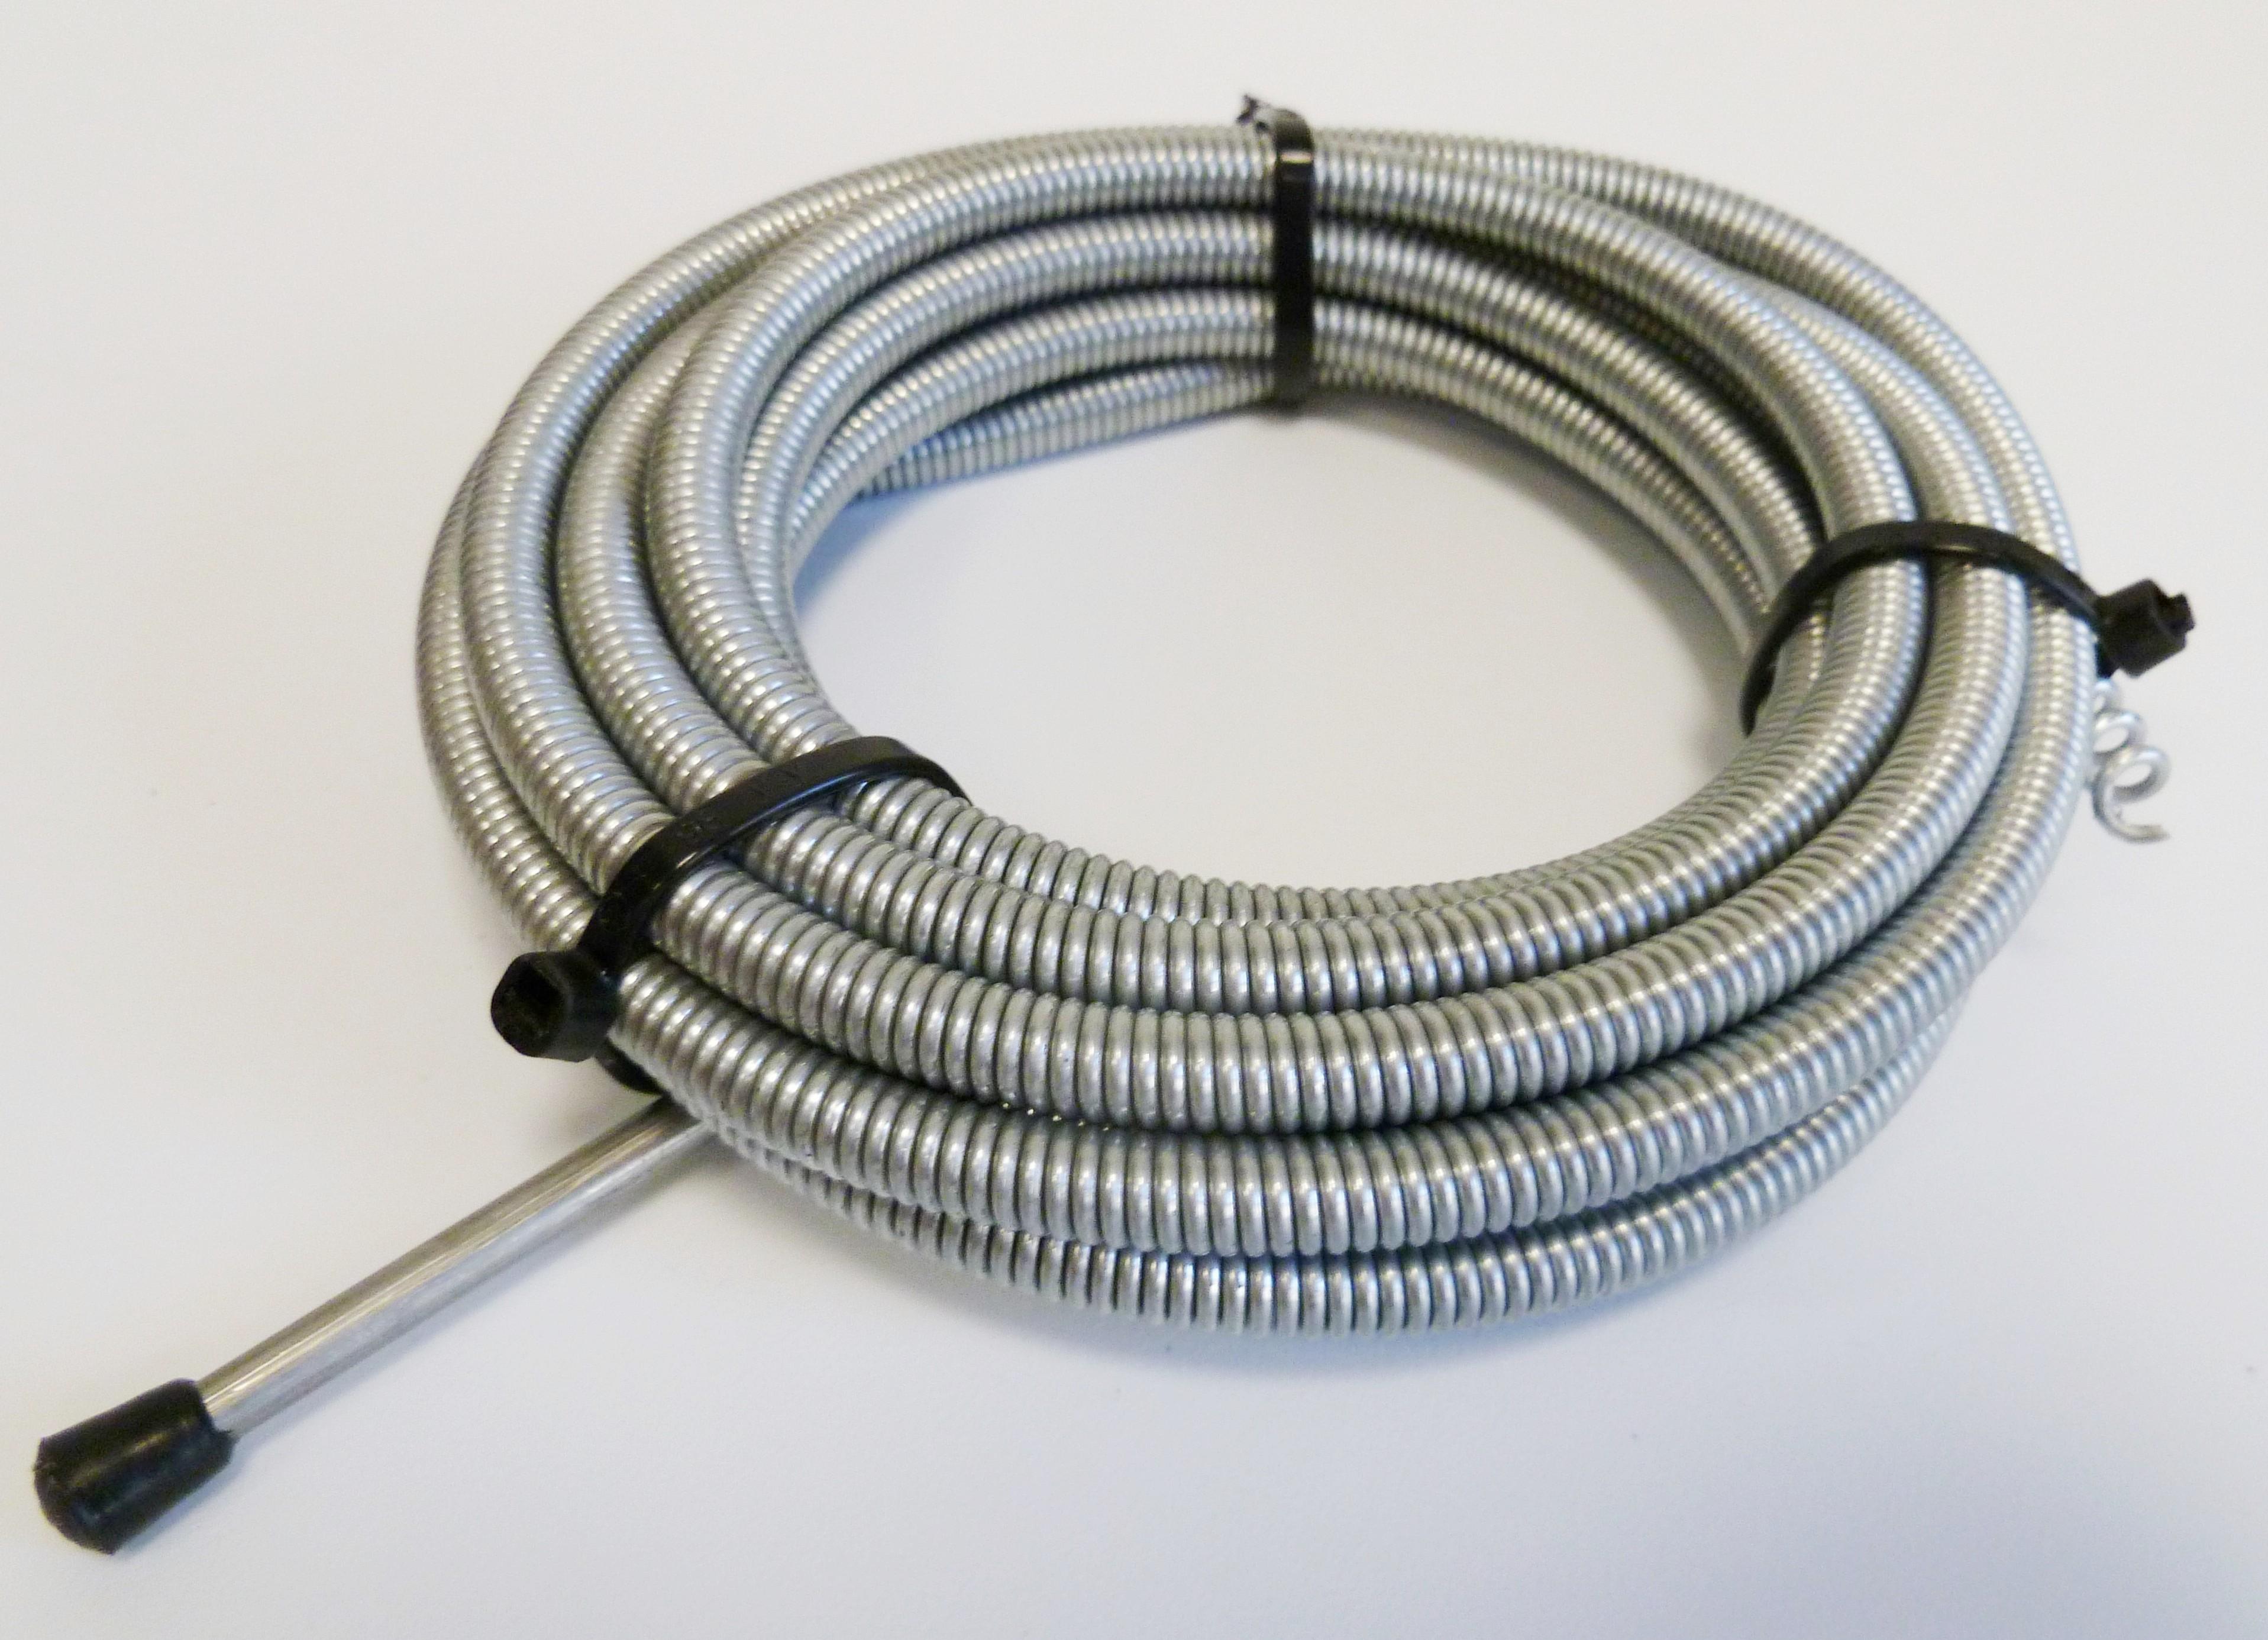 Comprar desatascador desatascador tuberia desatascador - Productos para desatascar tuberias ...